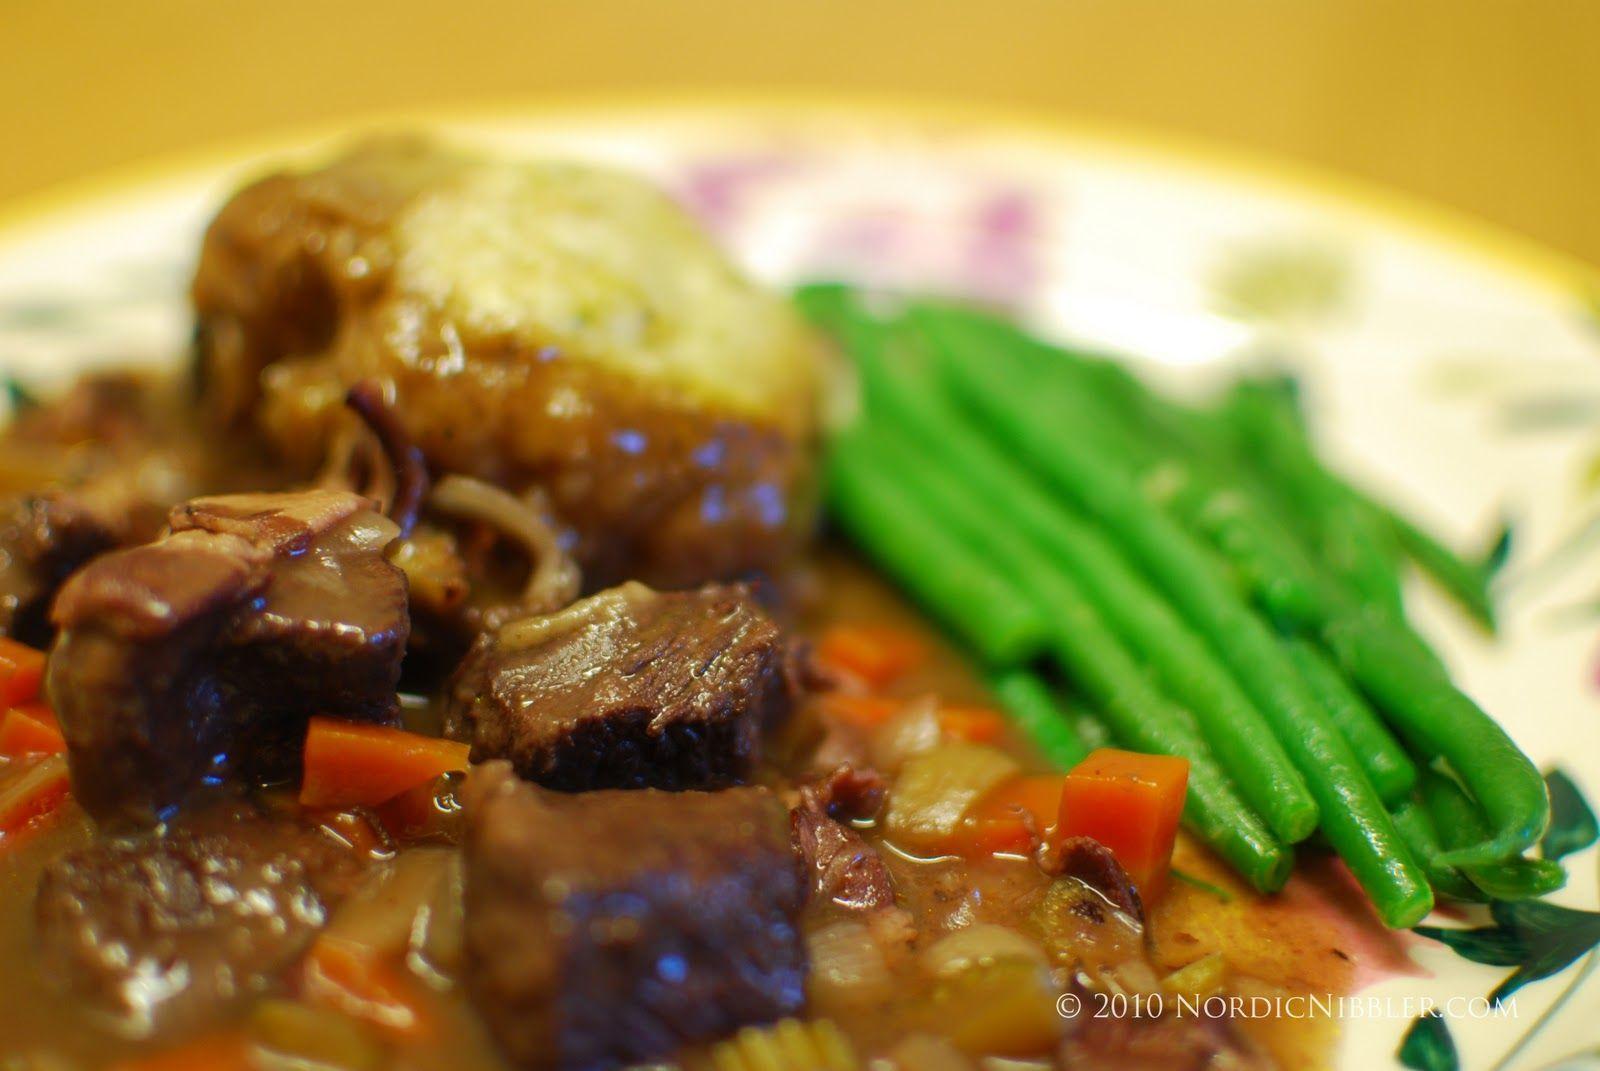 Nordic Nibbler: Reindeer Stew (Reinsdyrgryte) with Thyme Dumplings – Recipe